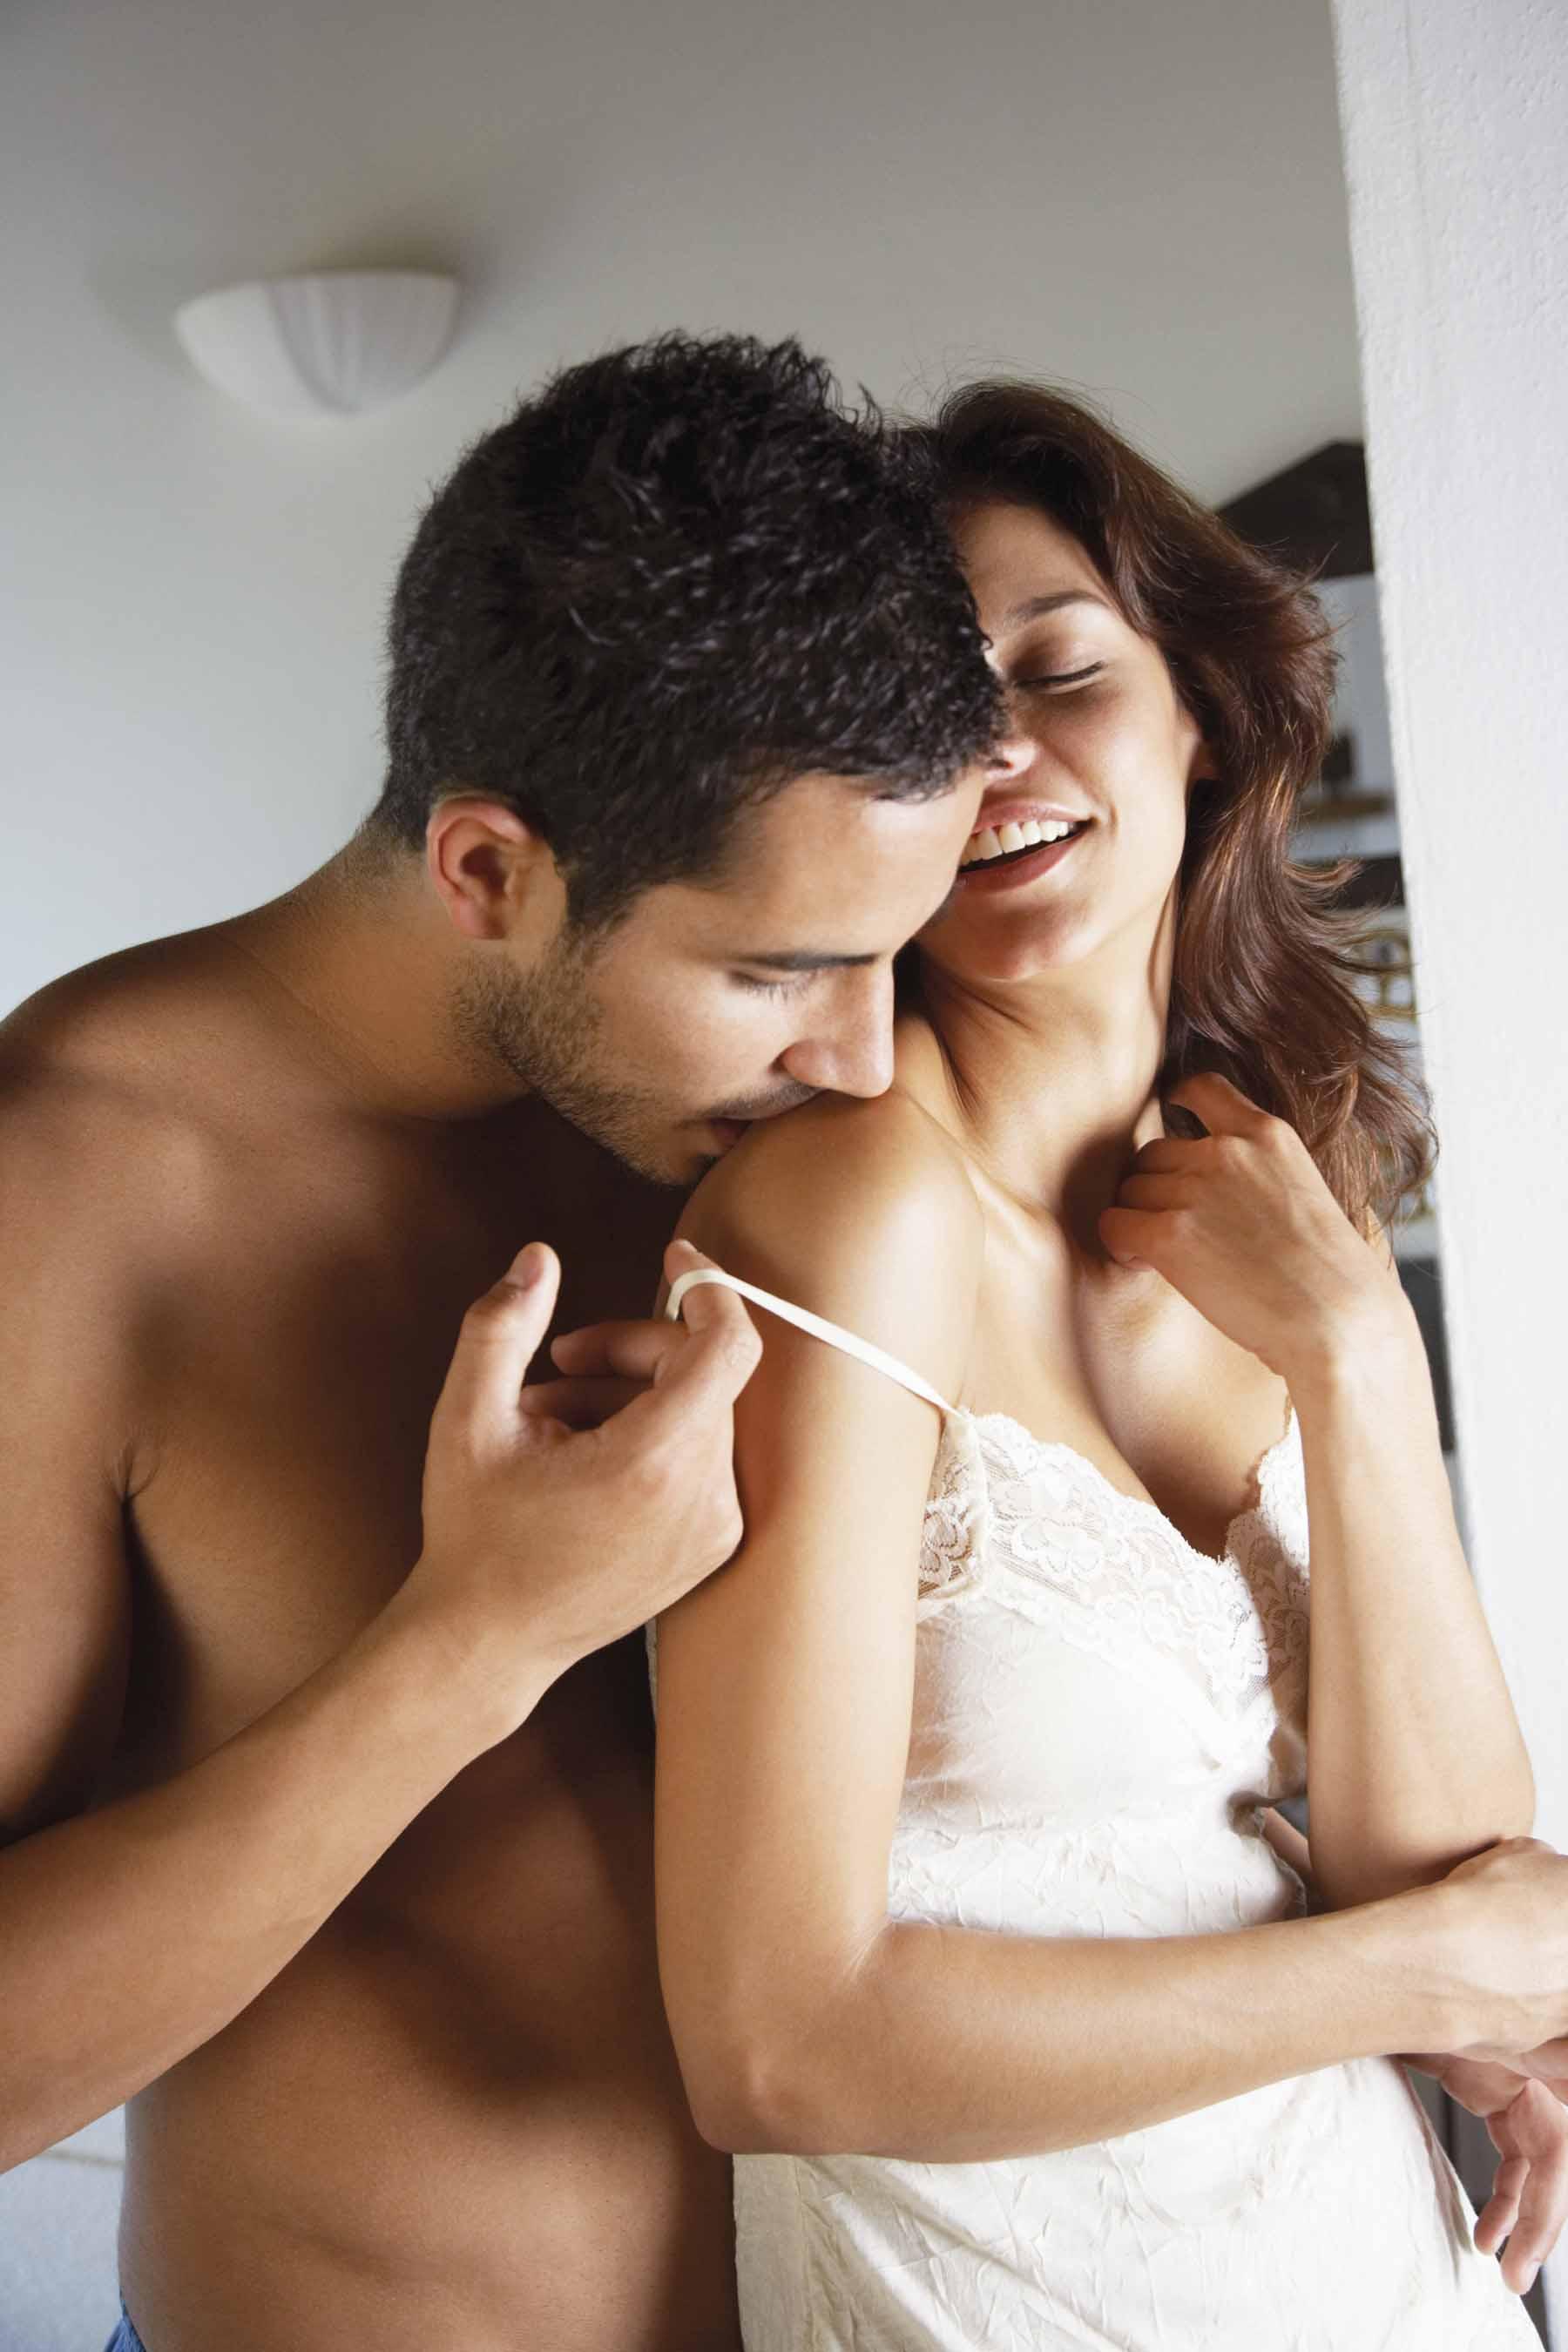 Жена возбудилась от чужих рук на своей спине, порно фото как ебут в большой анус